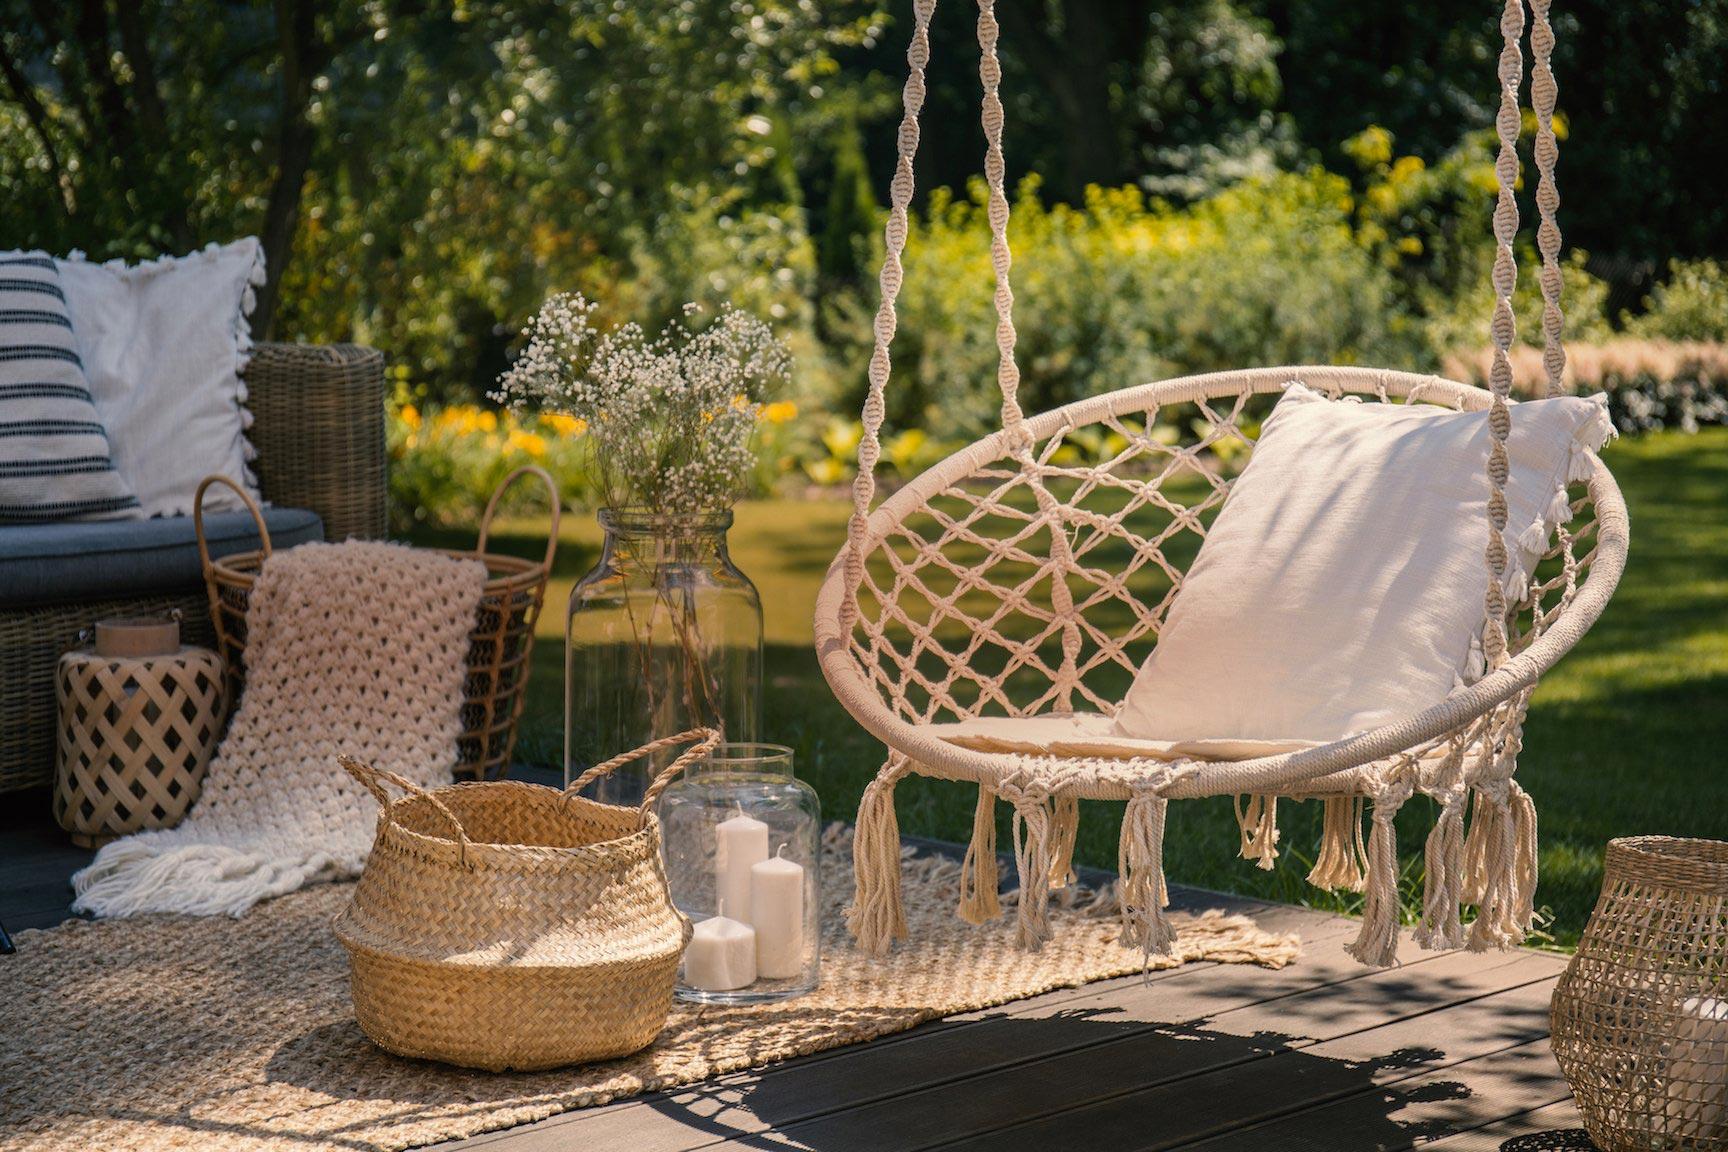 cesta-y-otros-objetos-decorativos-de-materias-naturales